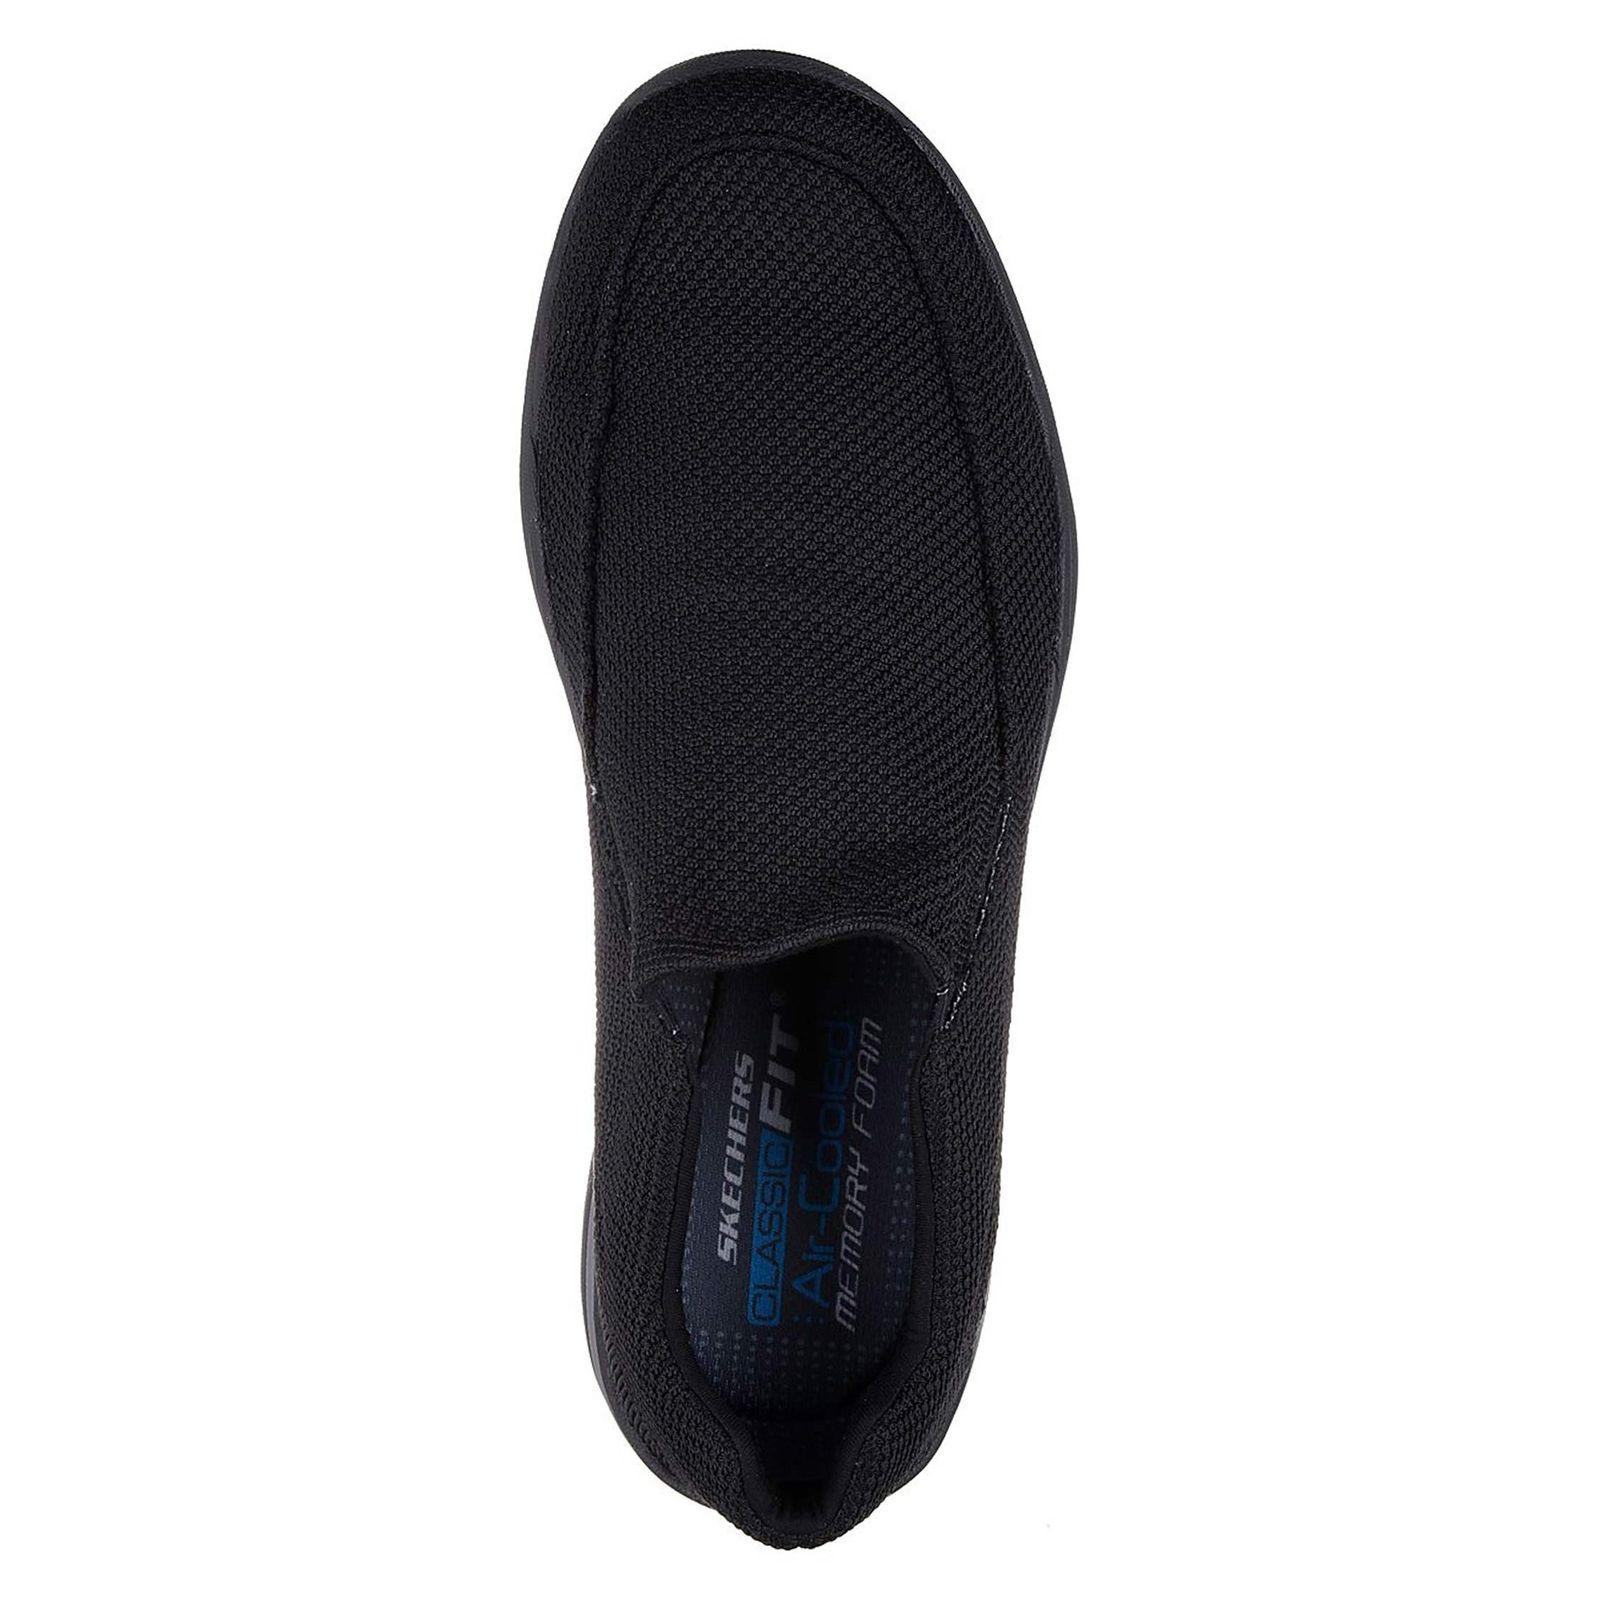 کفش راحتی پارچه ای مردانه Skech-Air Elment Vengo - اسکچرز - مشکي - 2